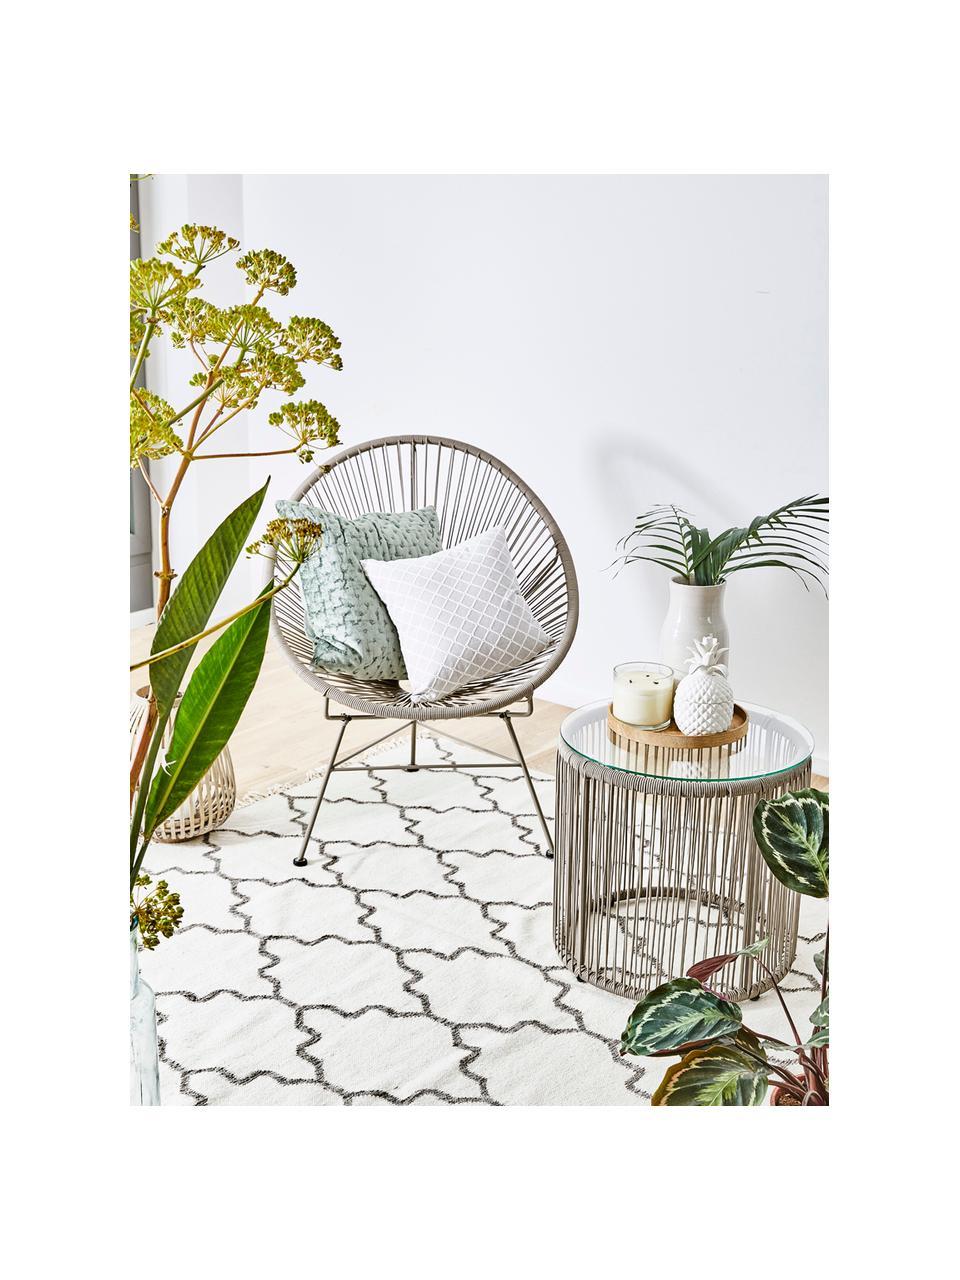 Loungesessel Bahia aus Kunststoff-Geflecht, Sitzfläche: Kunststoff, Gestell: Metall, pulverbeschichtet, Taupe, B 81 x T 73 cm